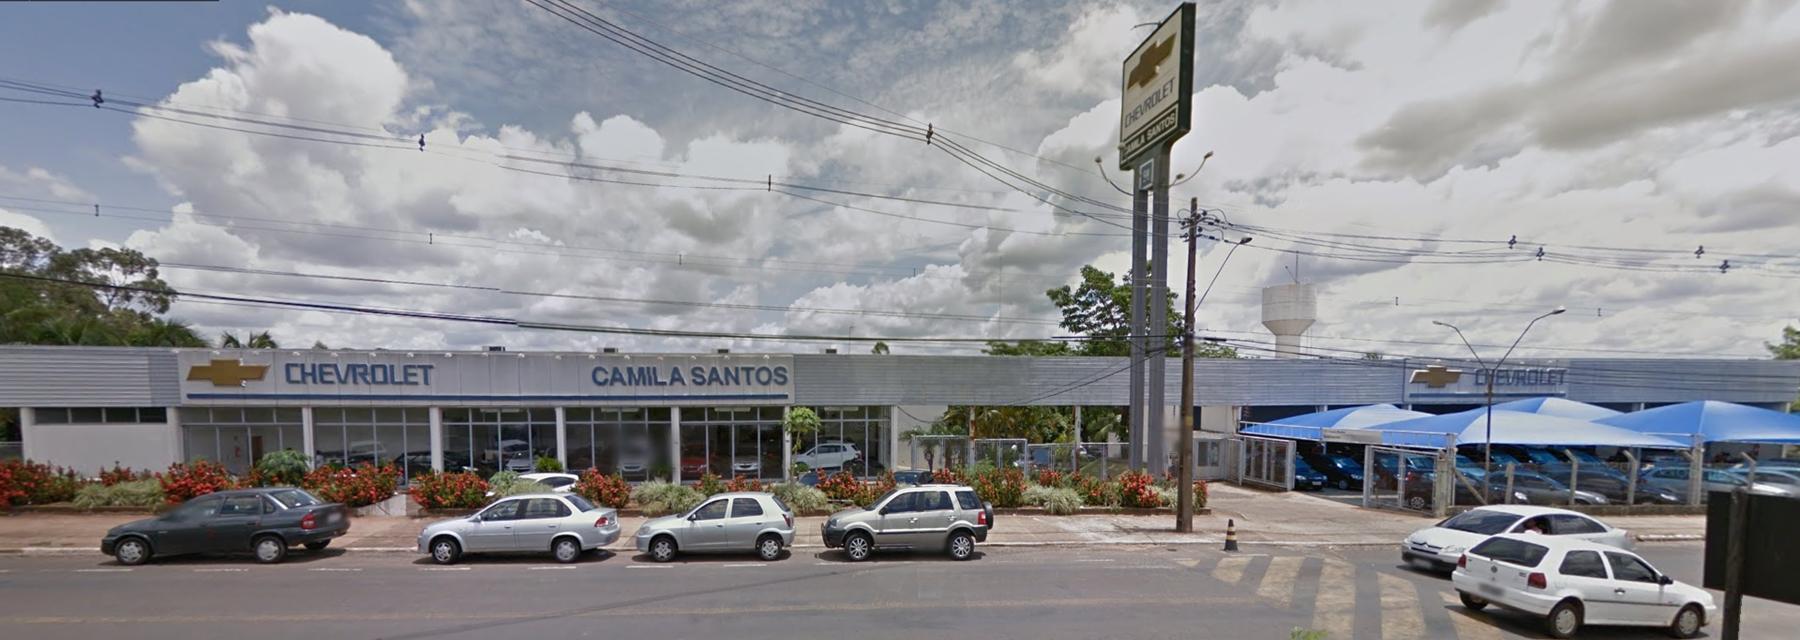 Fachada concessionária Chevrolet Camila Santos Catanduva